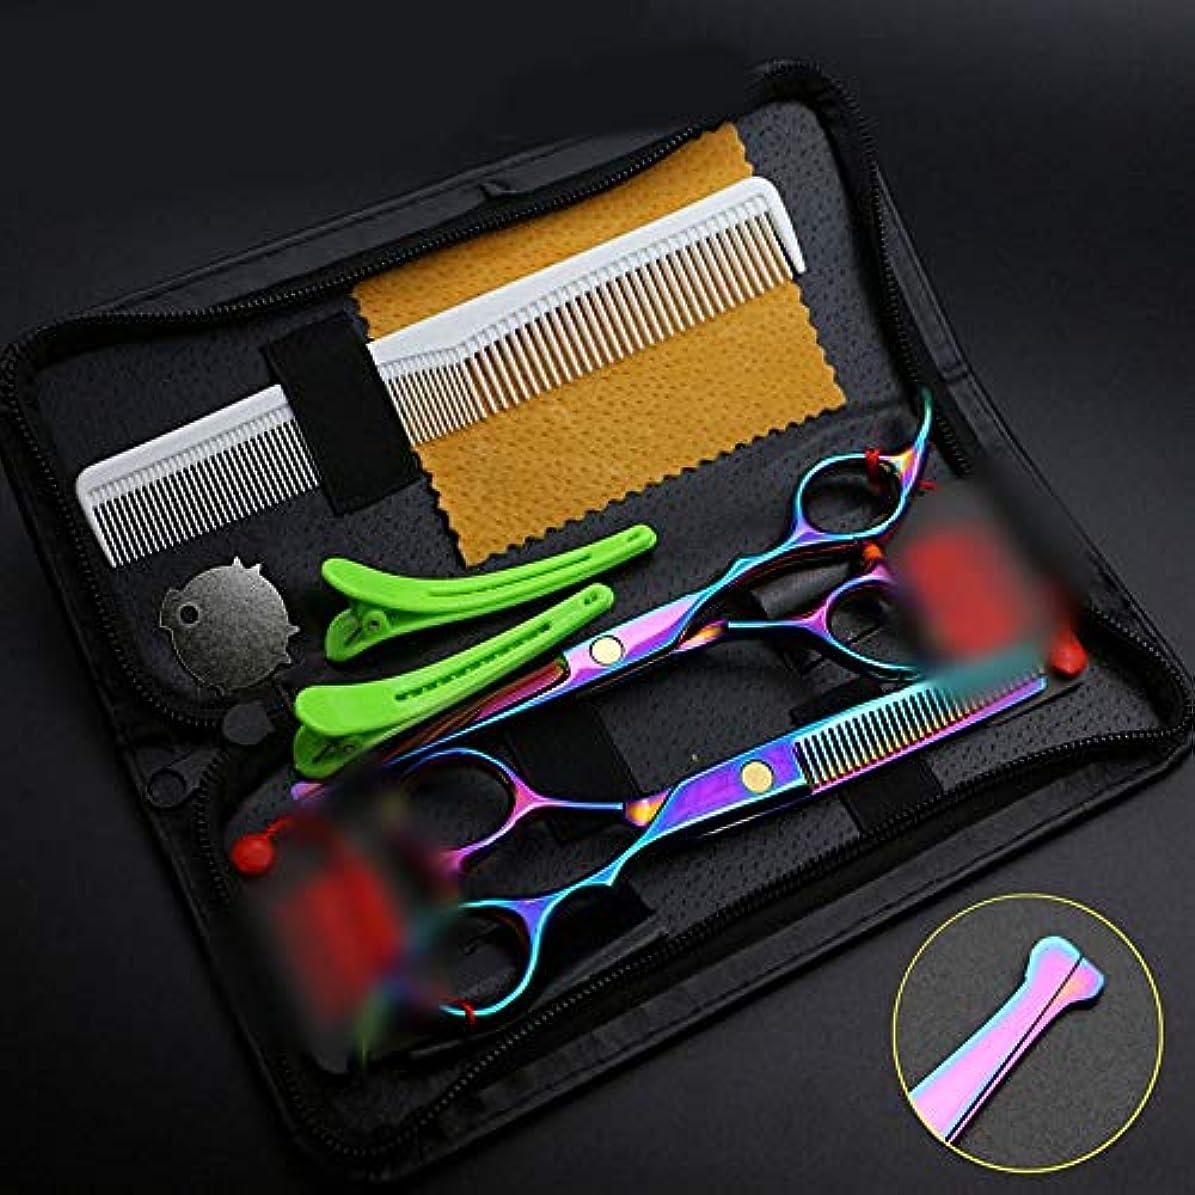 トランザクション排除する算術WASAIO 理髪はさみ髪がハサミ理容室ヘアカットビアードシザープロフェッショナル口ひげトリミング武装具間伐キットの組み合わせは、設定したスリップ (色 : Colors)